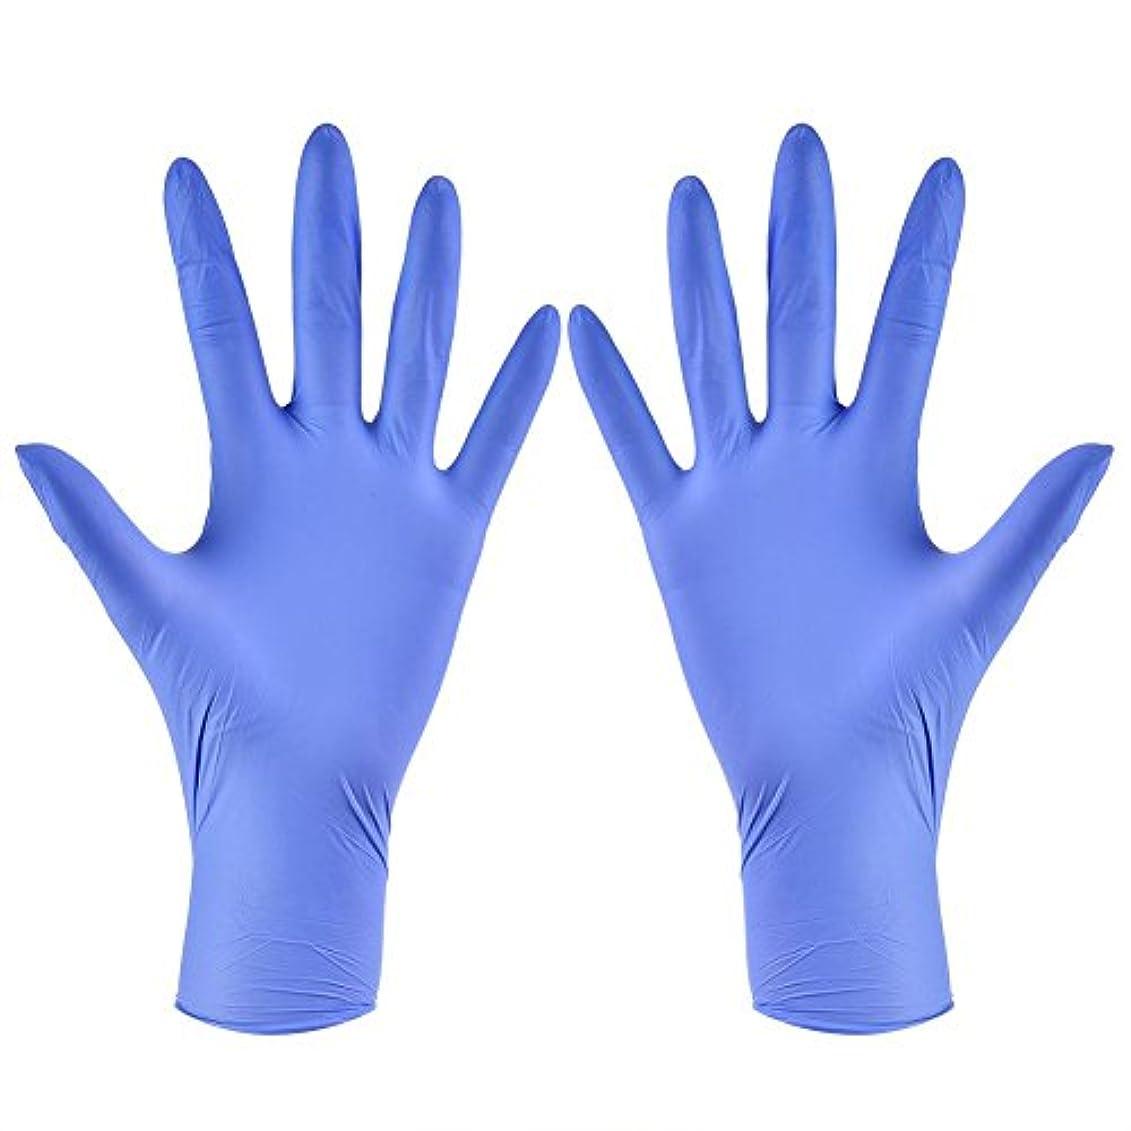 地理好き精通した使い捨て手袋 ニトリルグローブ ホワイト 粉なし タトゥー/歯科/病院/研究室に適応 S/M/L/XL選択可 100枚 左右兼用(XL)